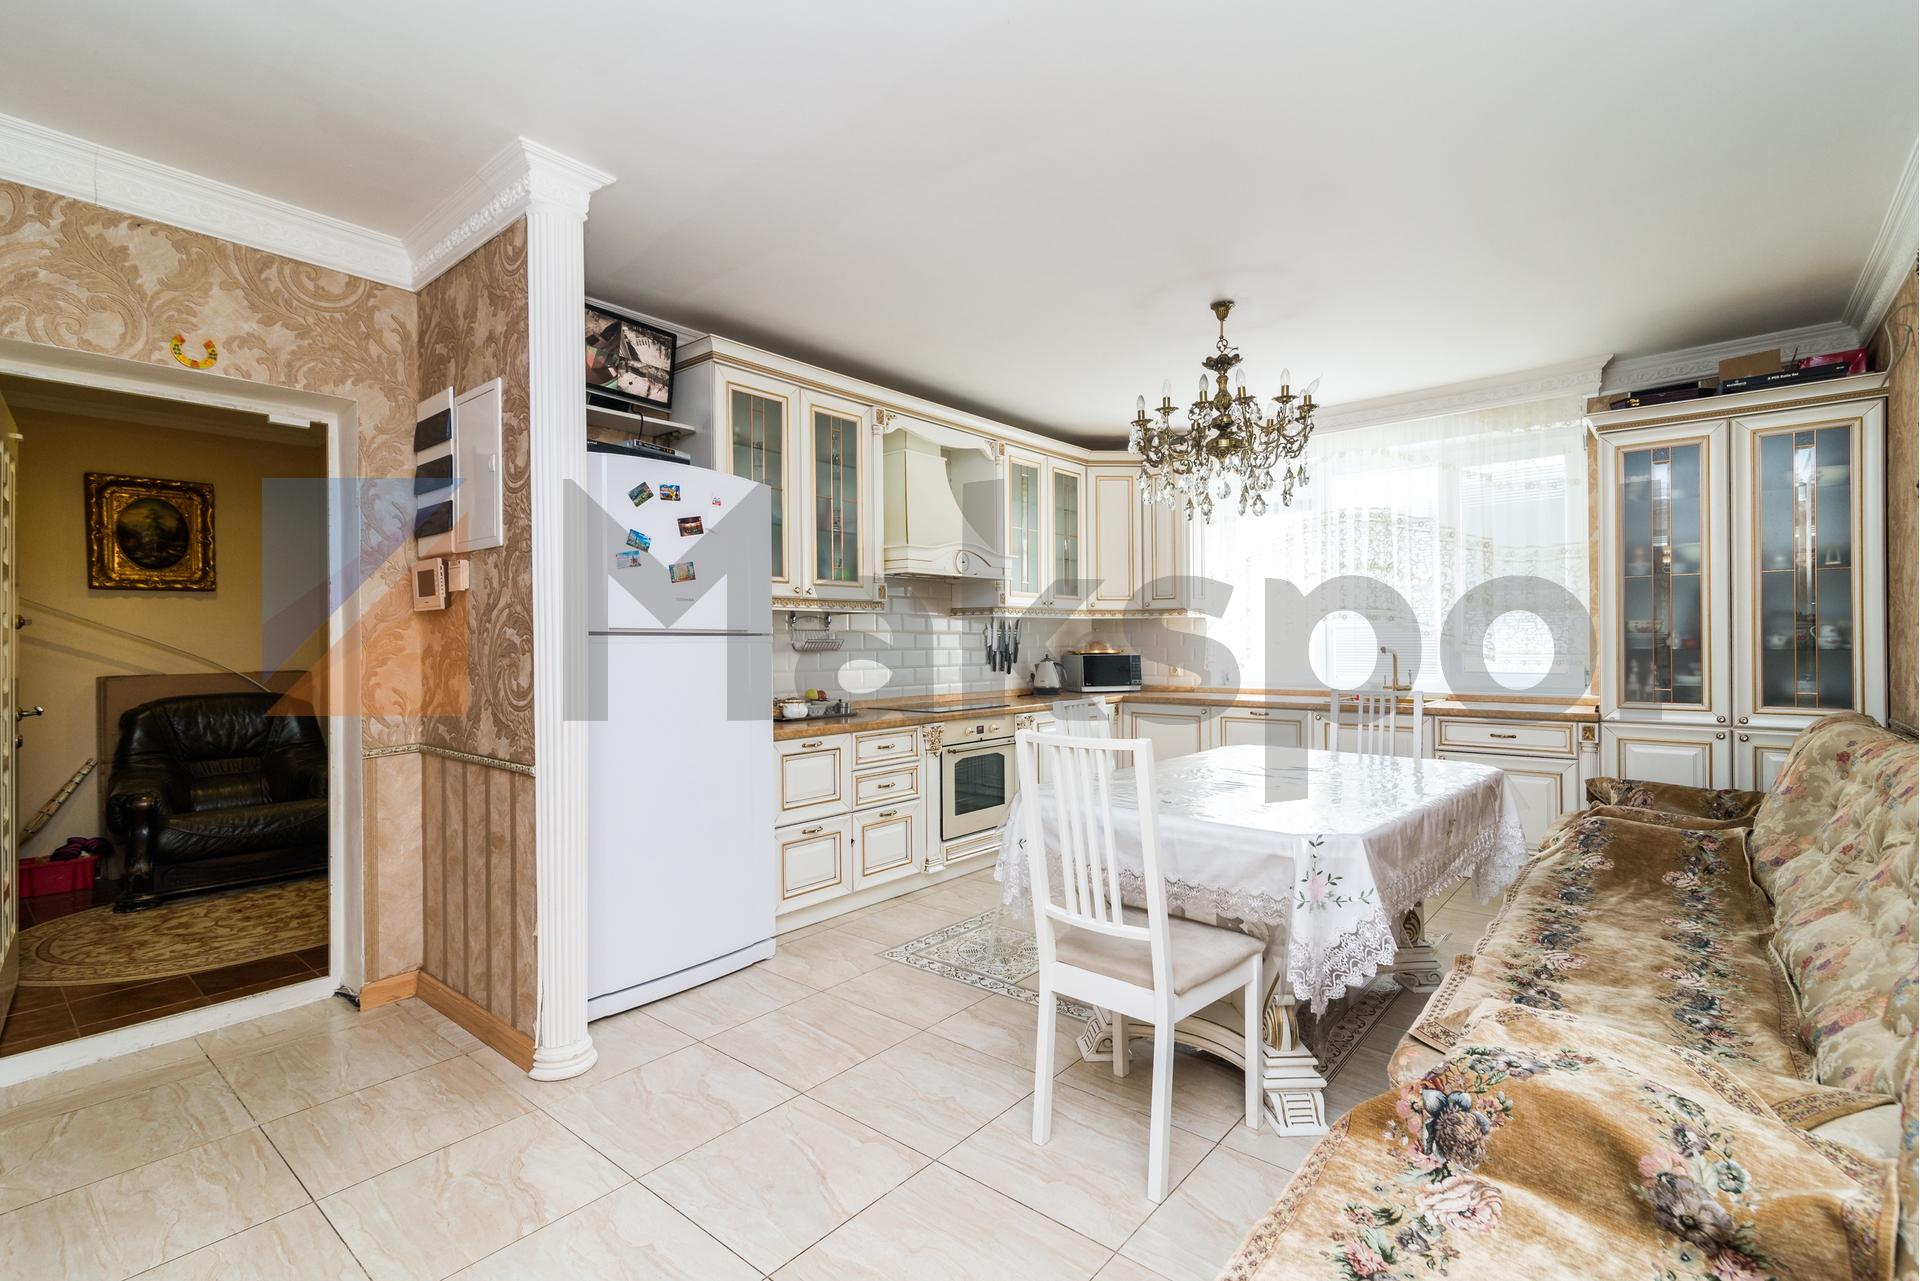 Эксклюзивная квартира для большой семьи по реальной цене!!! 1